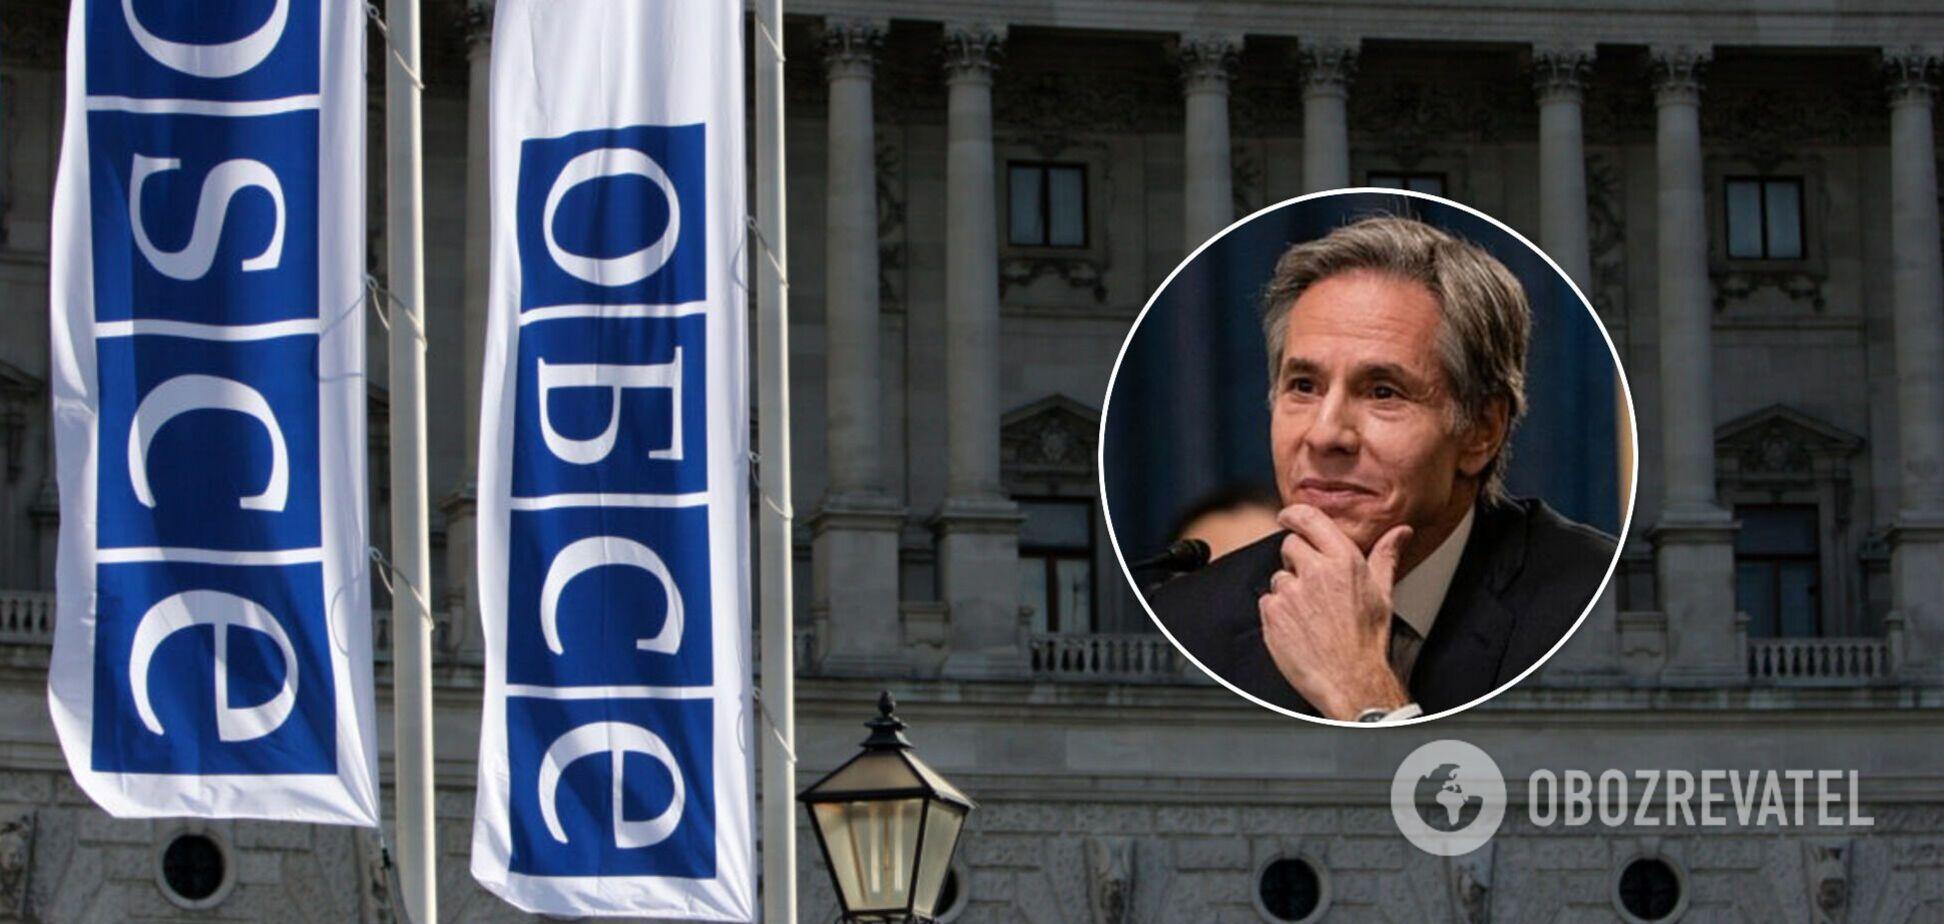 США обвинили Россию в срыве совещания ОБСЕ в Варшаве: Блинкен выступил с заявлением